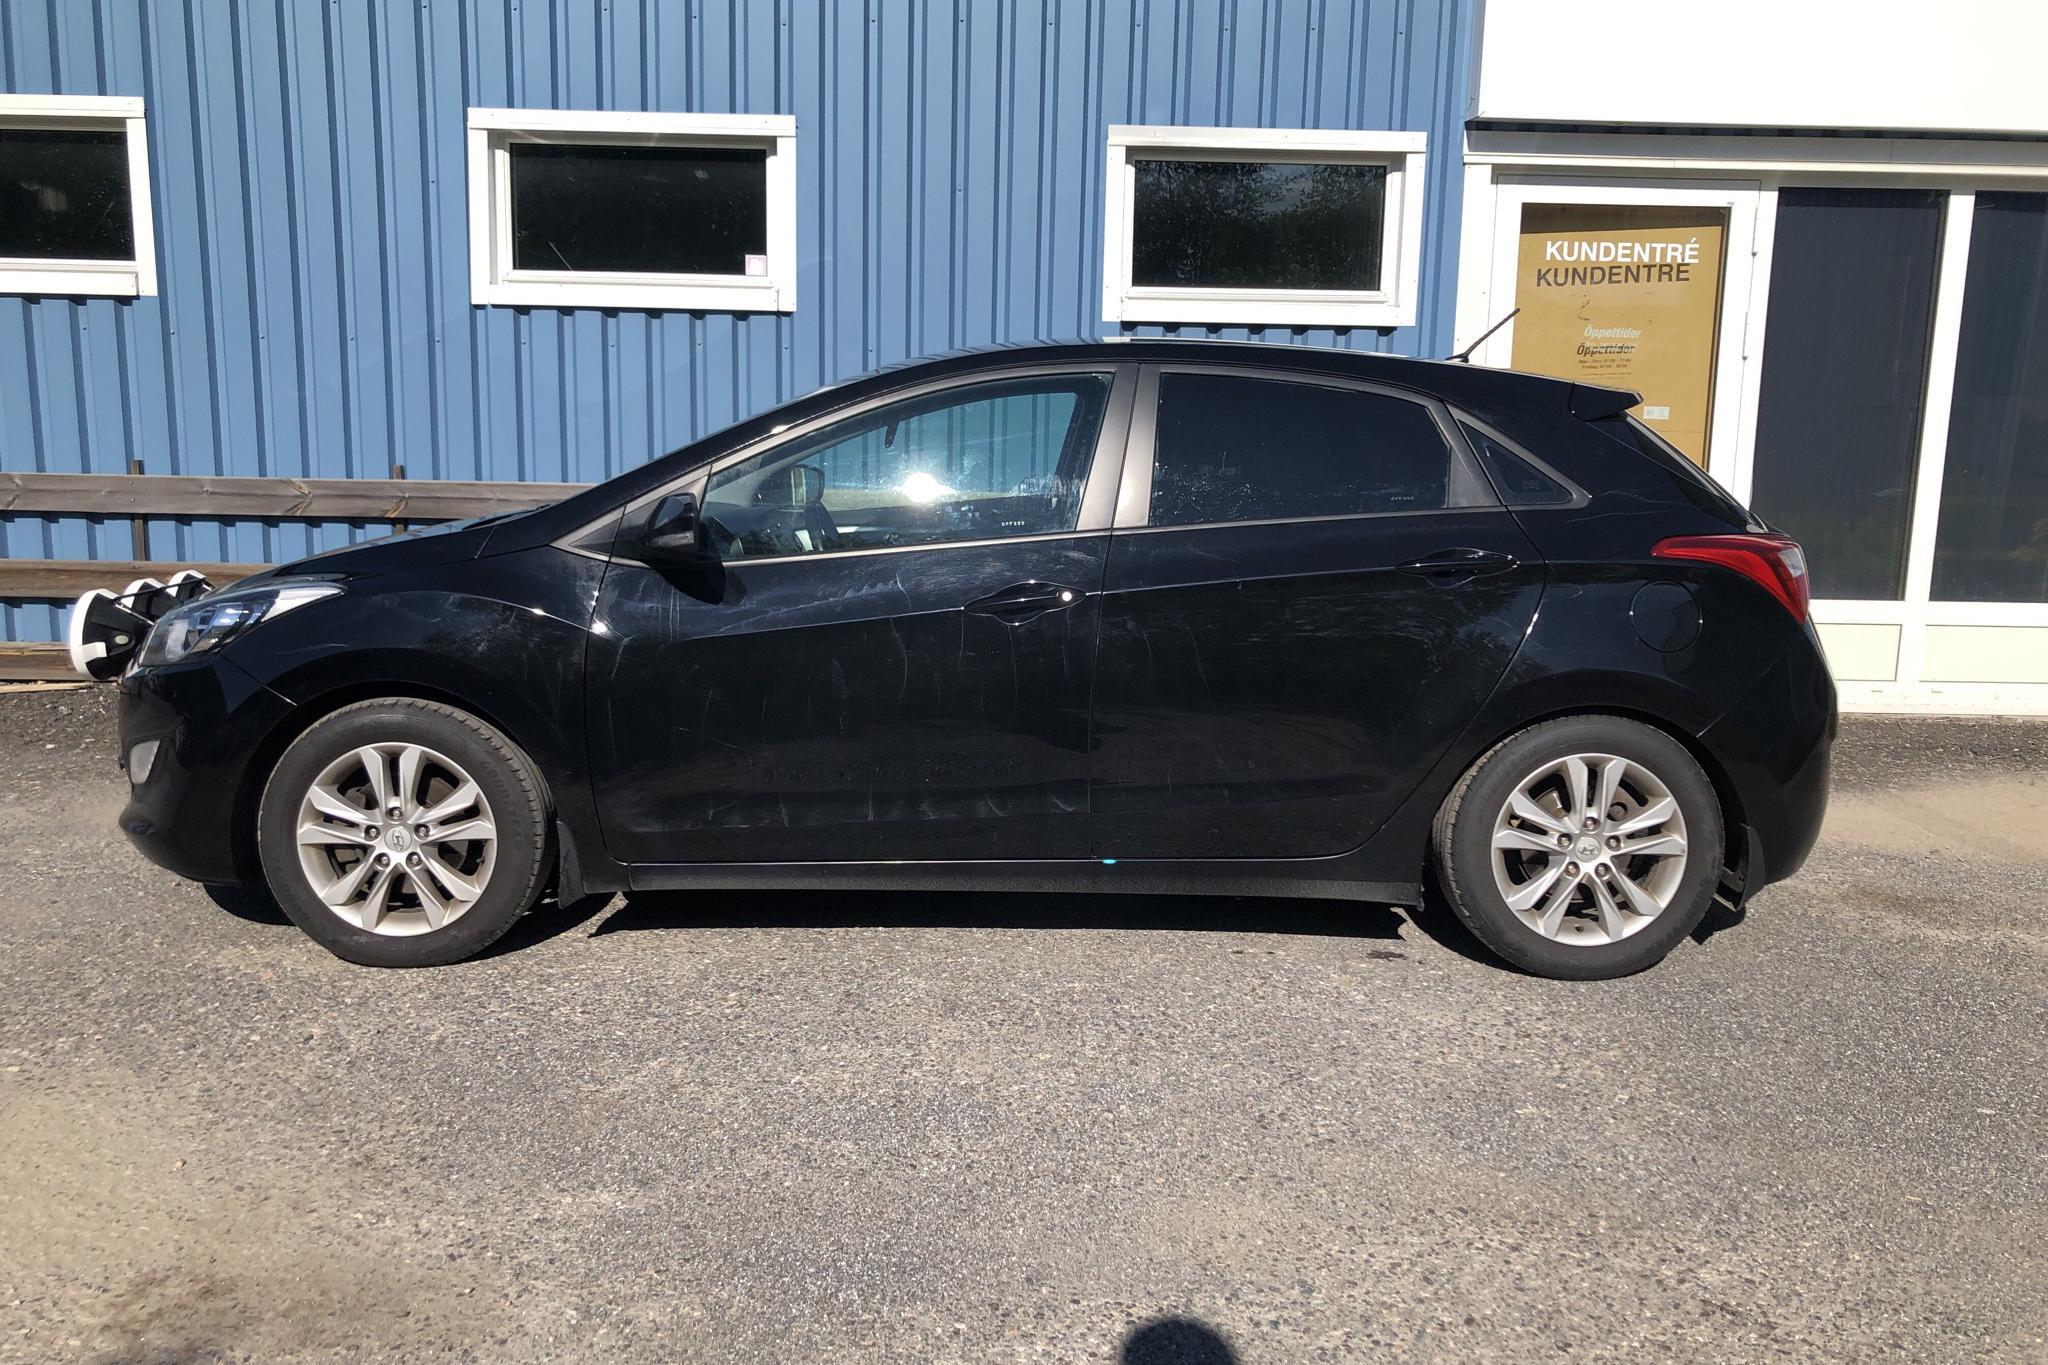 Hyundai i30 1.6 CRDi 5dr (110hk) - 15 019 mil - Manuell - svart - 2013